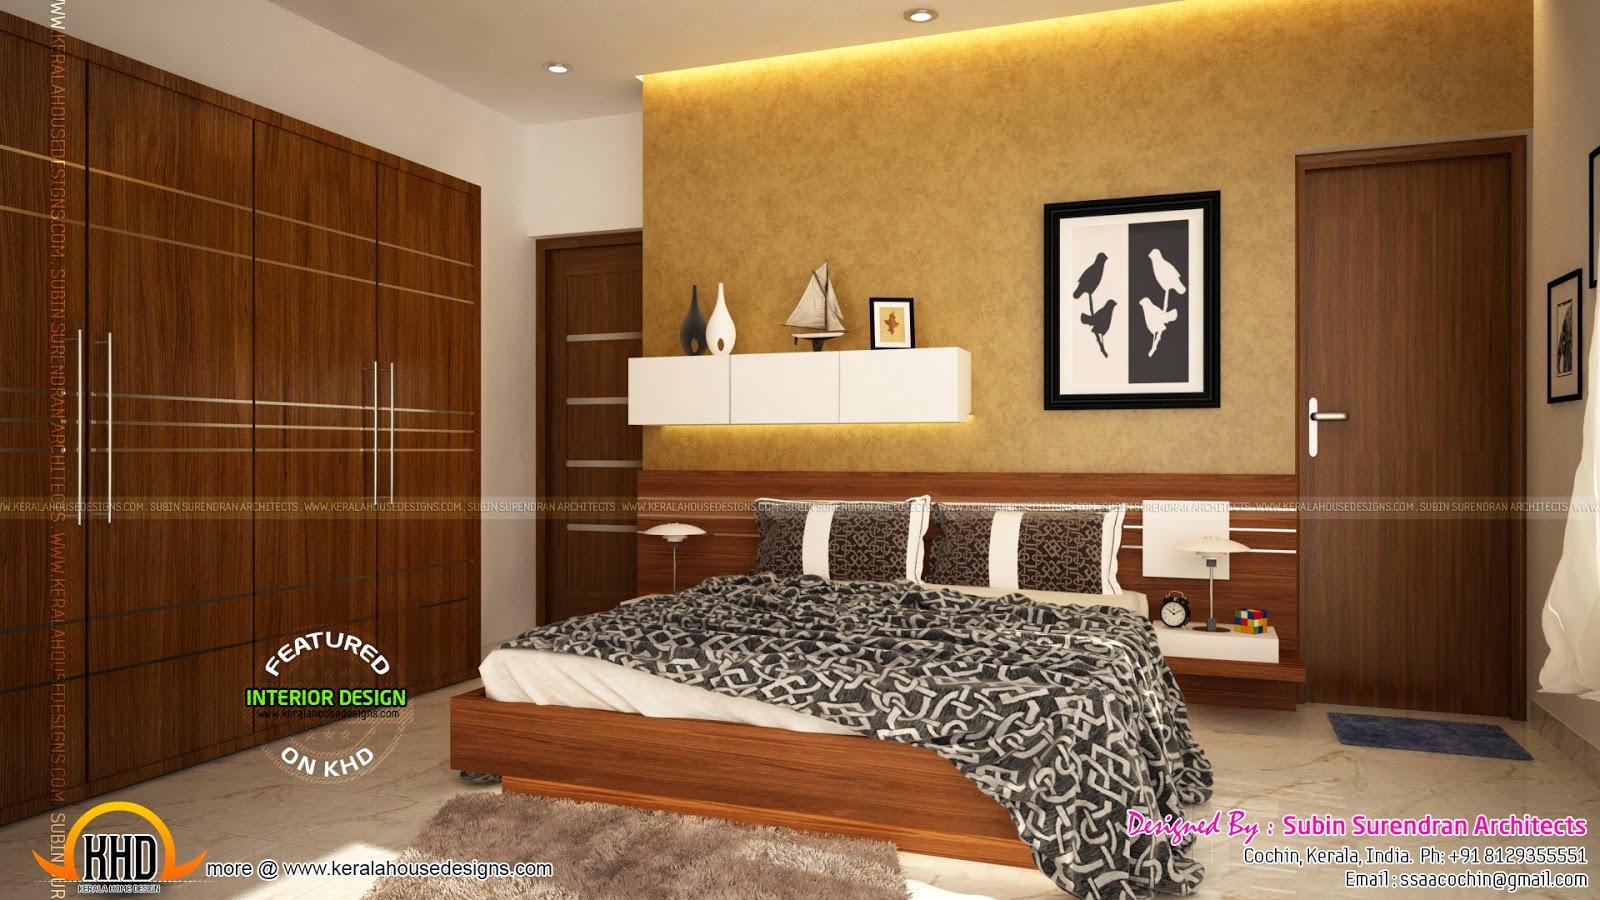 Kerala Master Bedroom Interior Design Gliforg